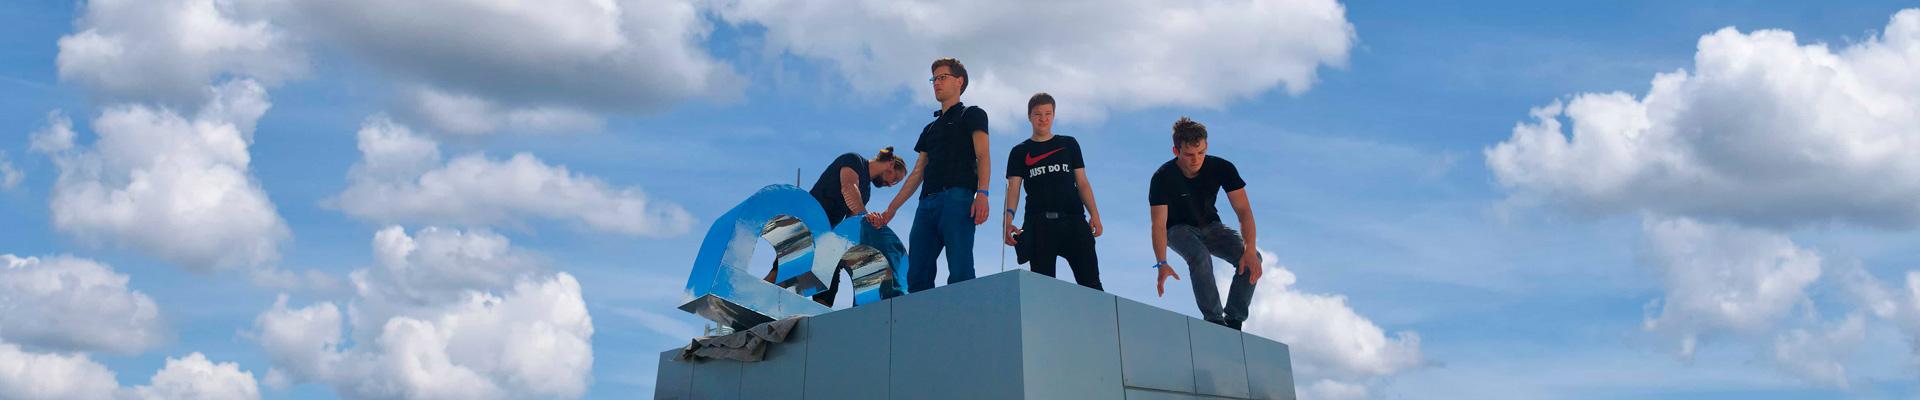 Vier mediapool-Mitarbeiter montieren ein dekorationselement, im Hintergrund ein blauer Wolkenhimmel.